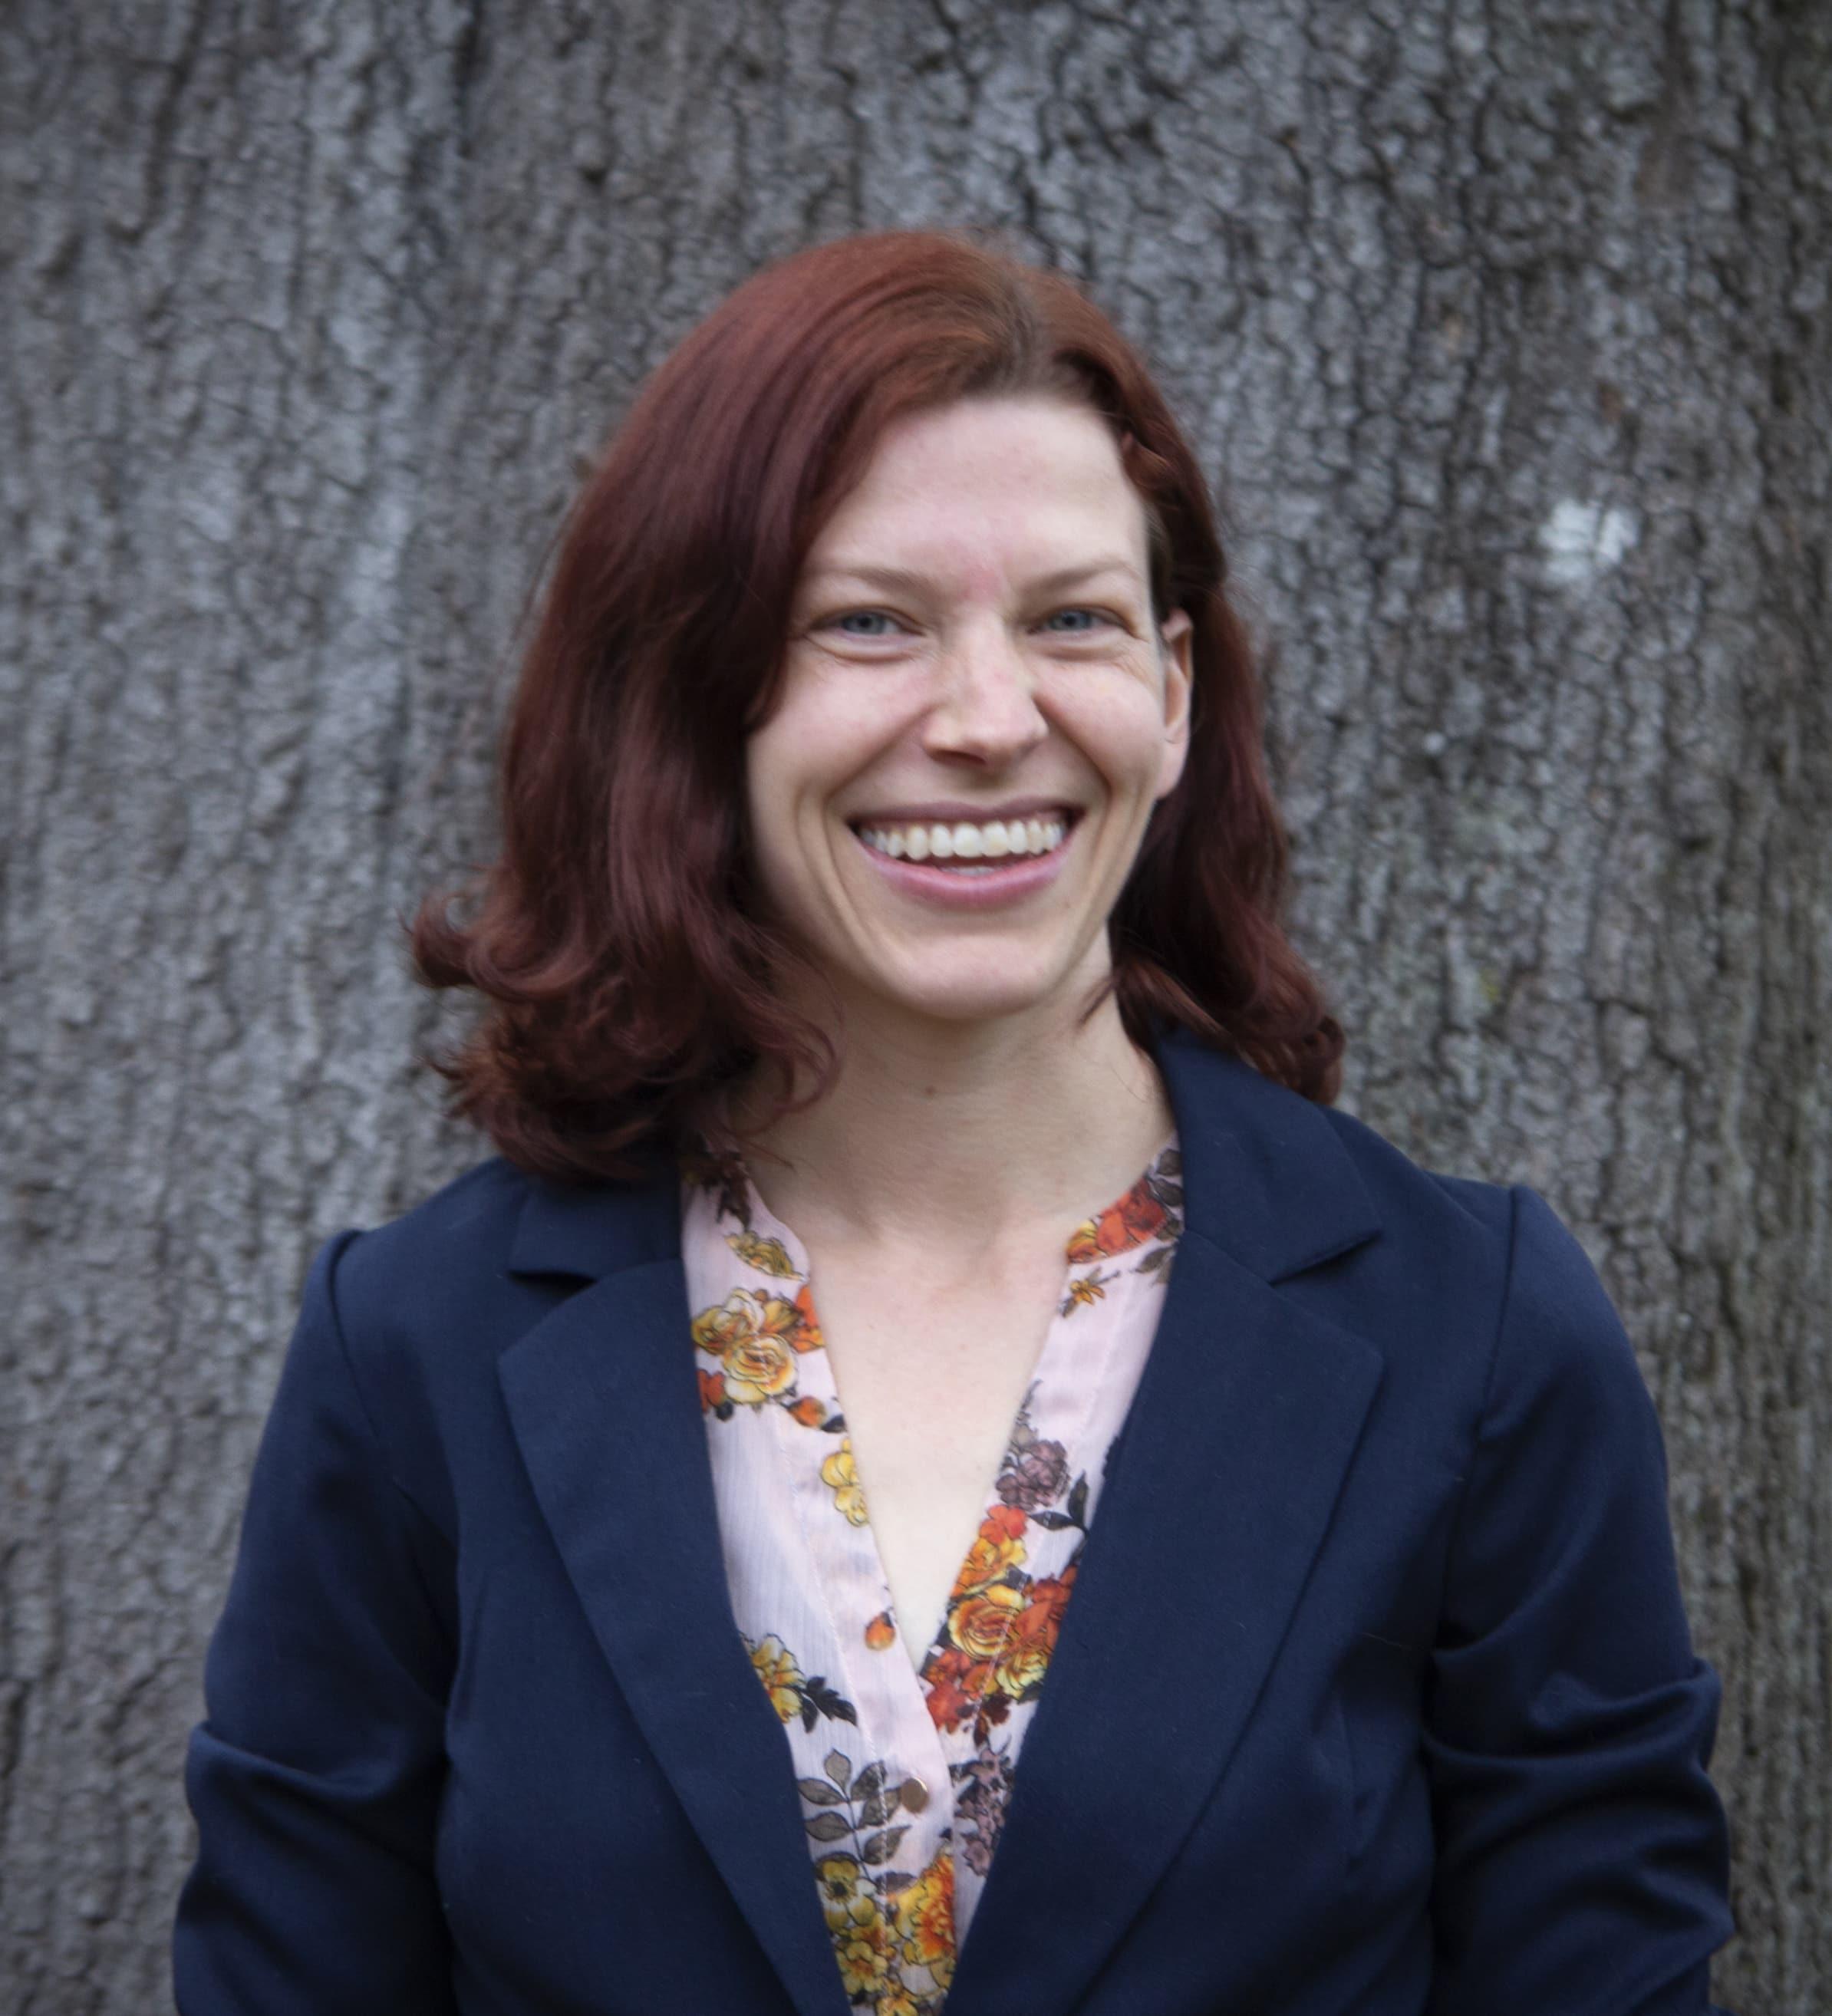 Image of Katherine Tschida